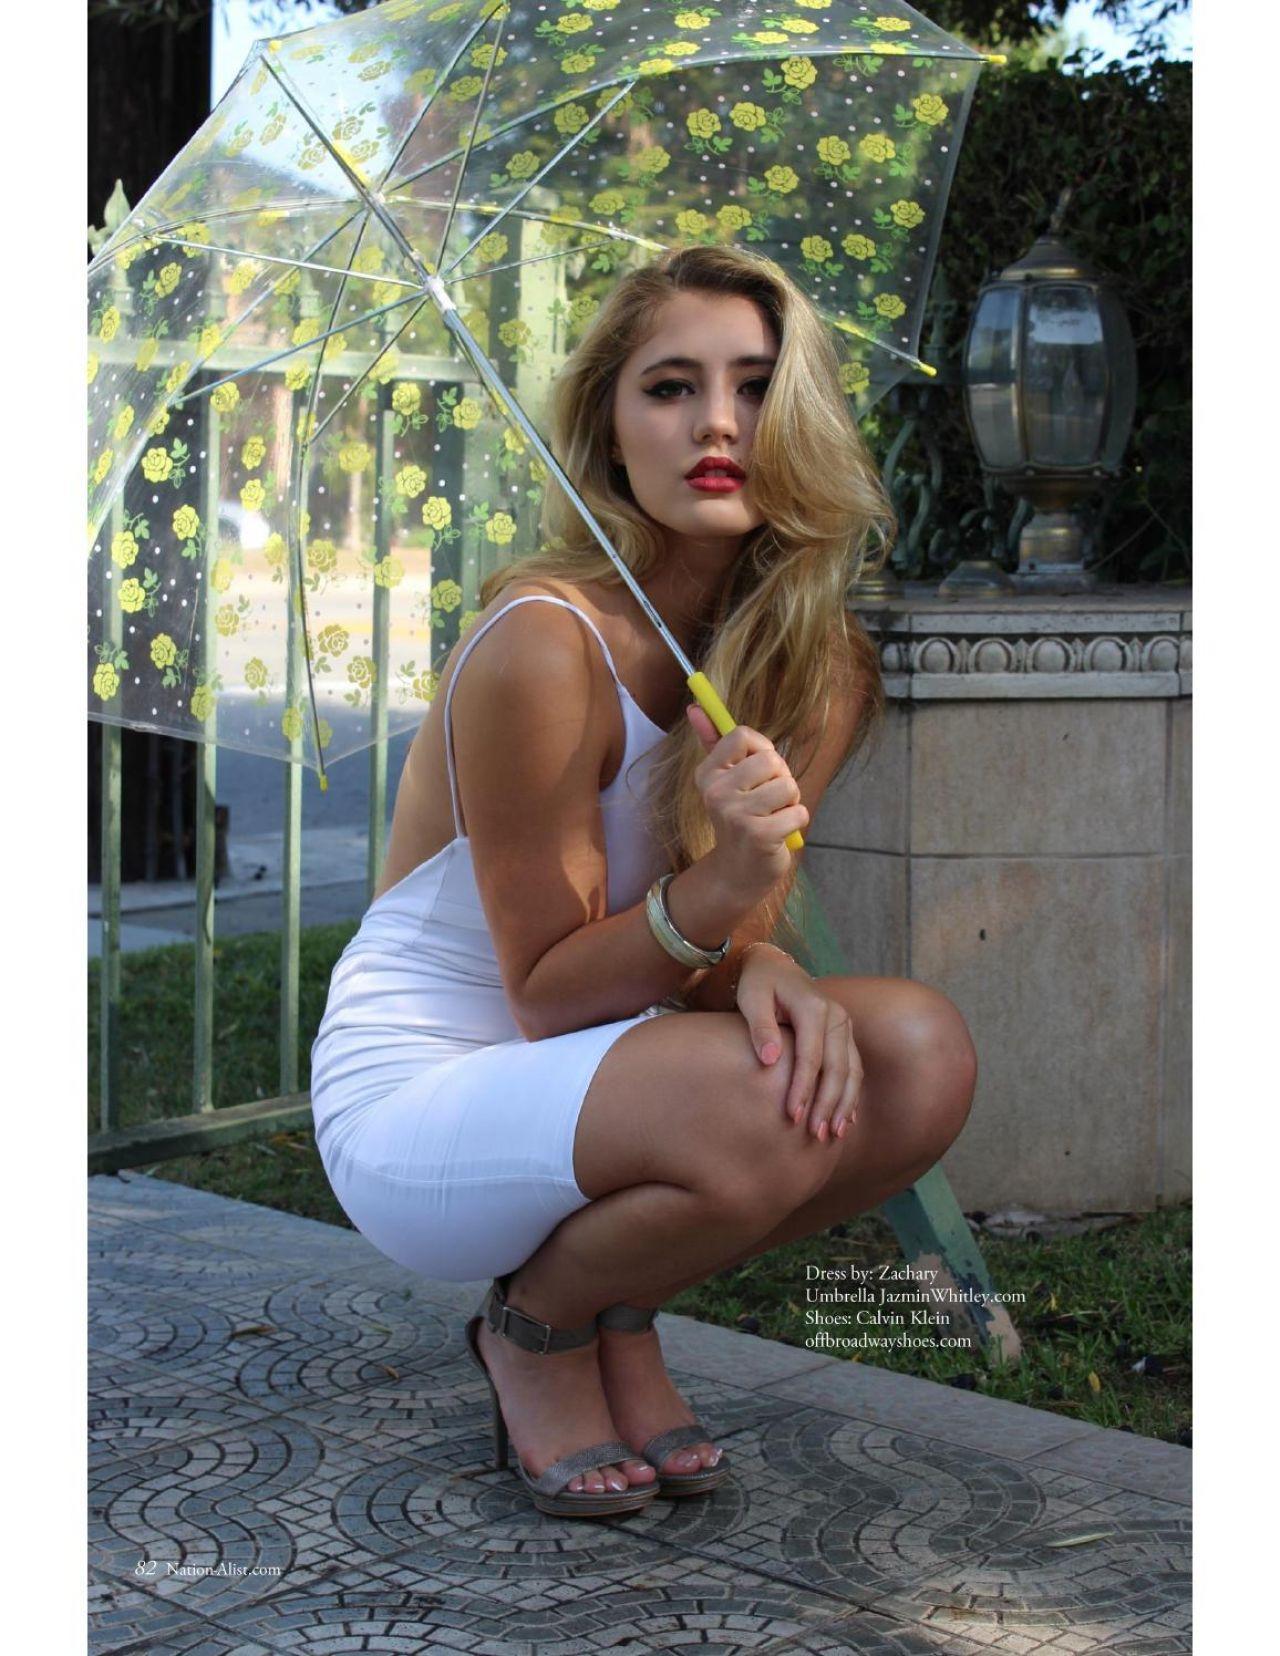 Lia Marie Johnson Smoking